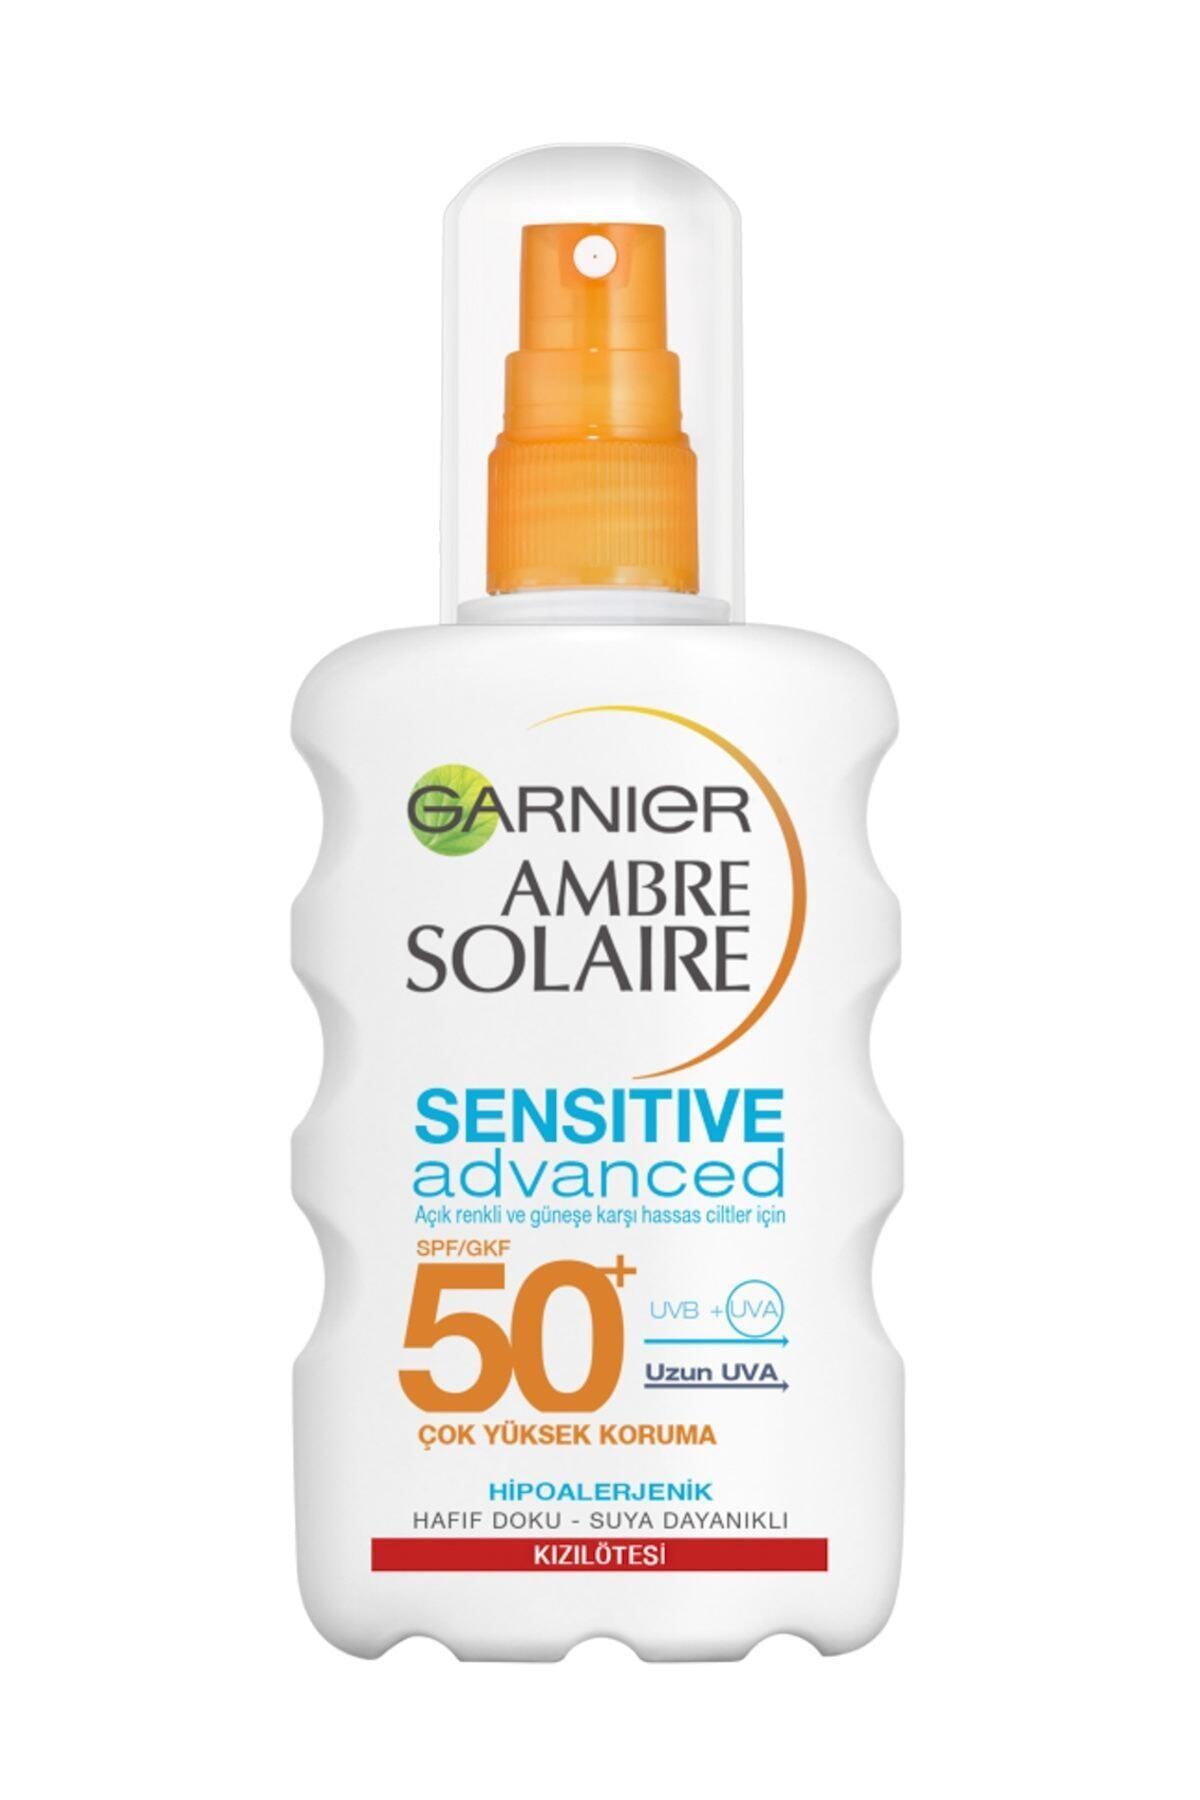 Garnier Hassas Ciltler İçin Güneş Koruma Spreyi - Ambre Soleire SPF 50+ 200 ml 1